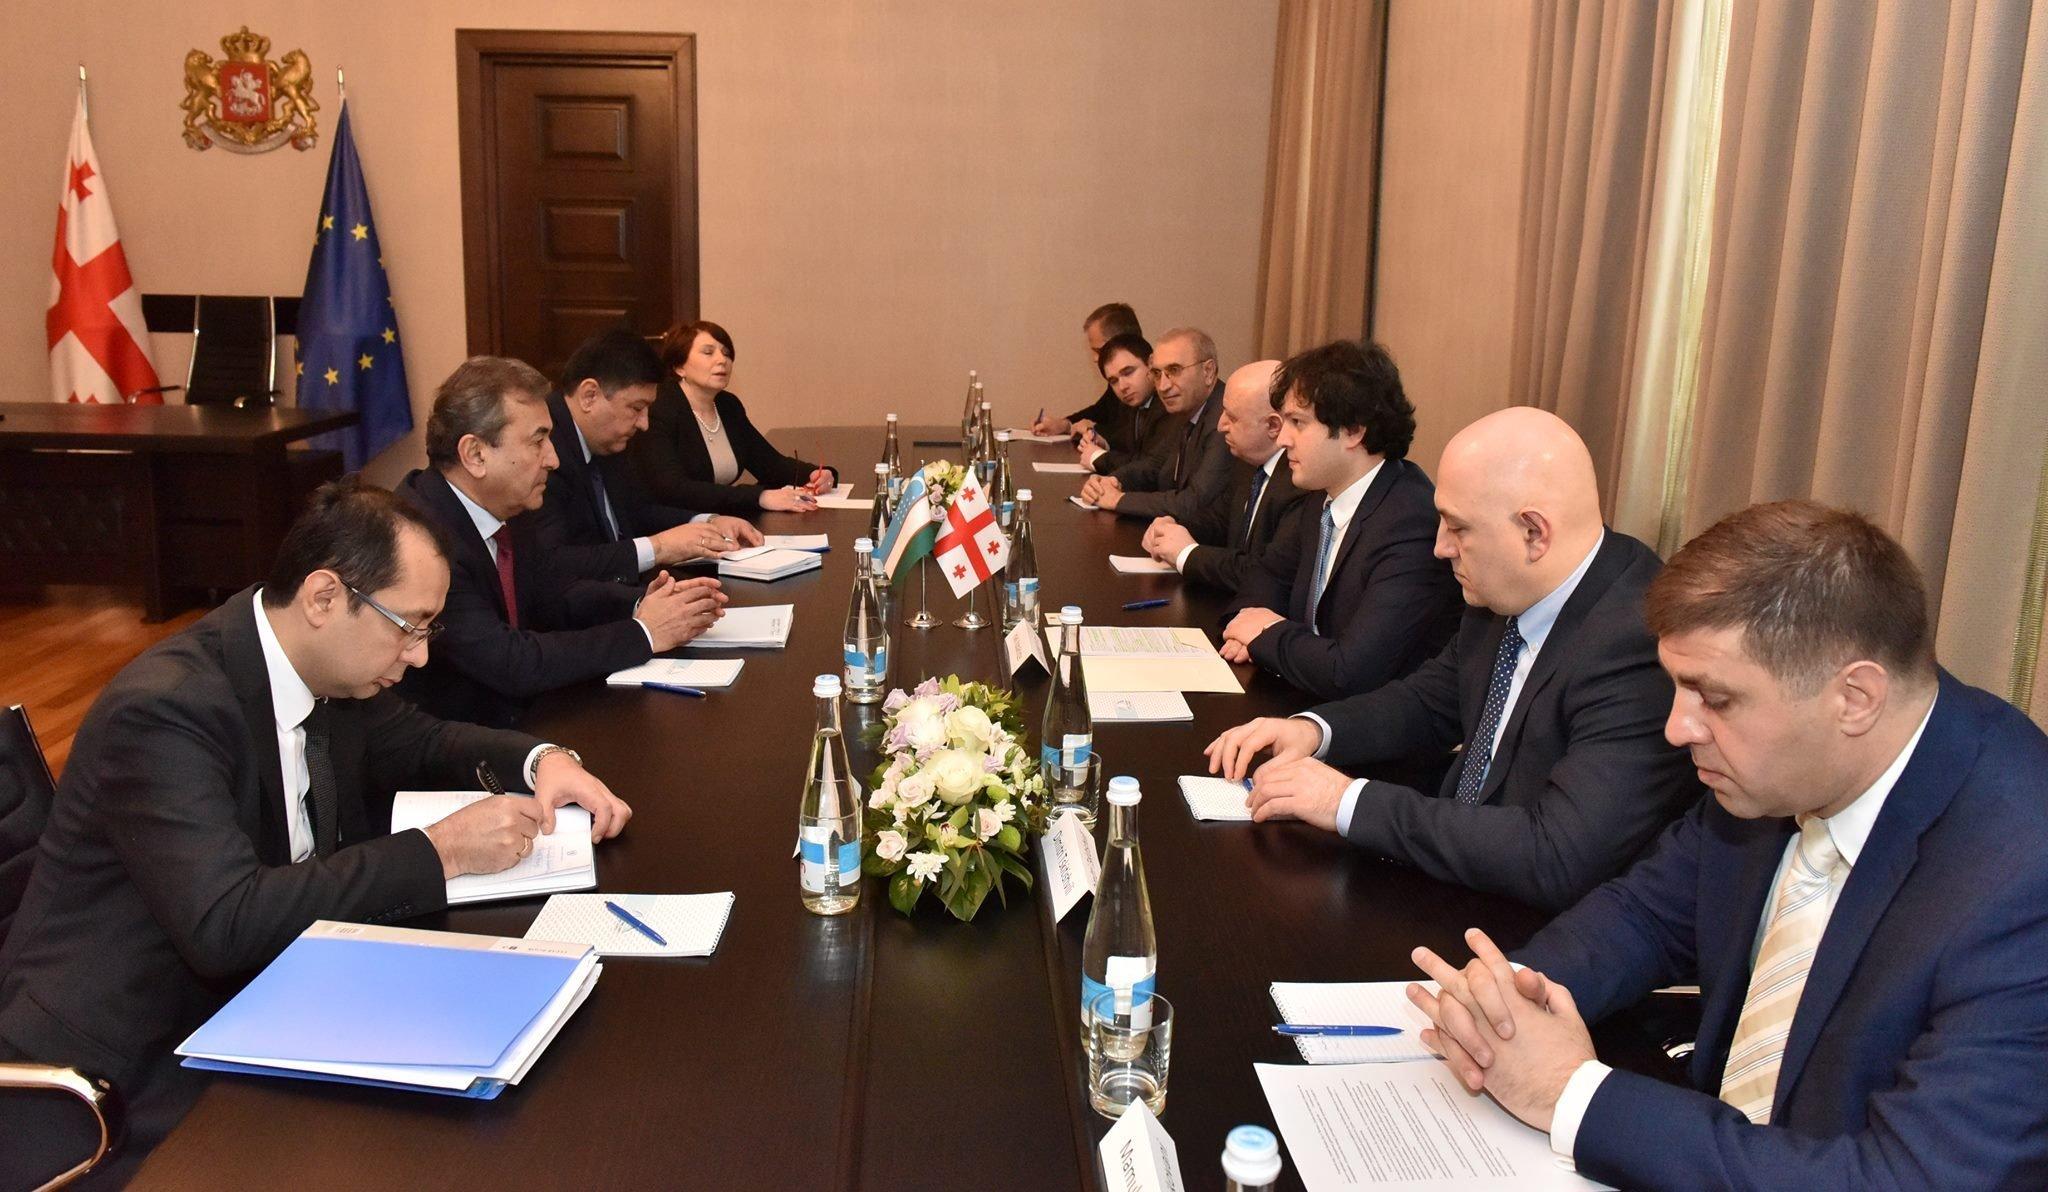 ВГрузии могут открыть посольство Узбекистана